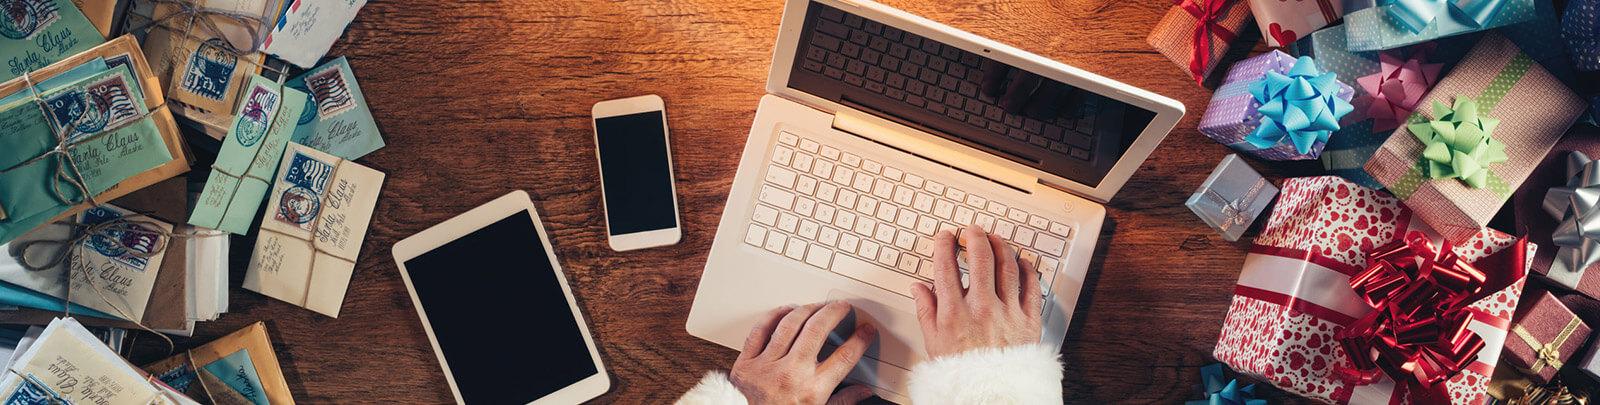 Osoba kupująca prezenty przez internet za pomocą laptopa